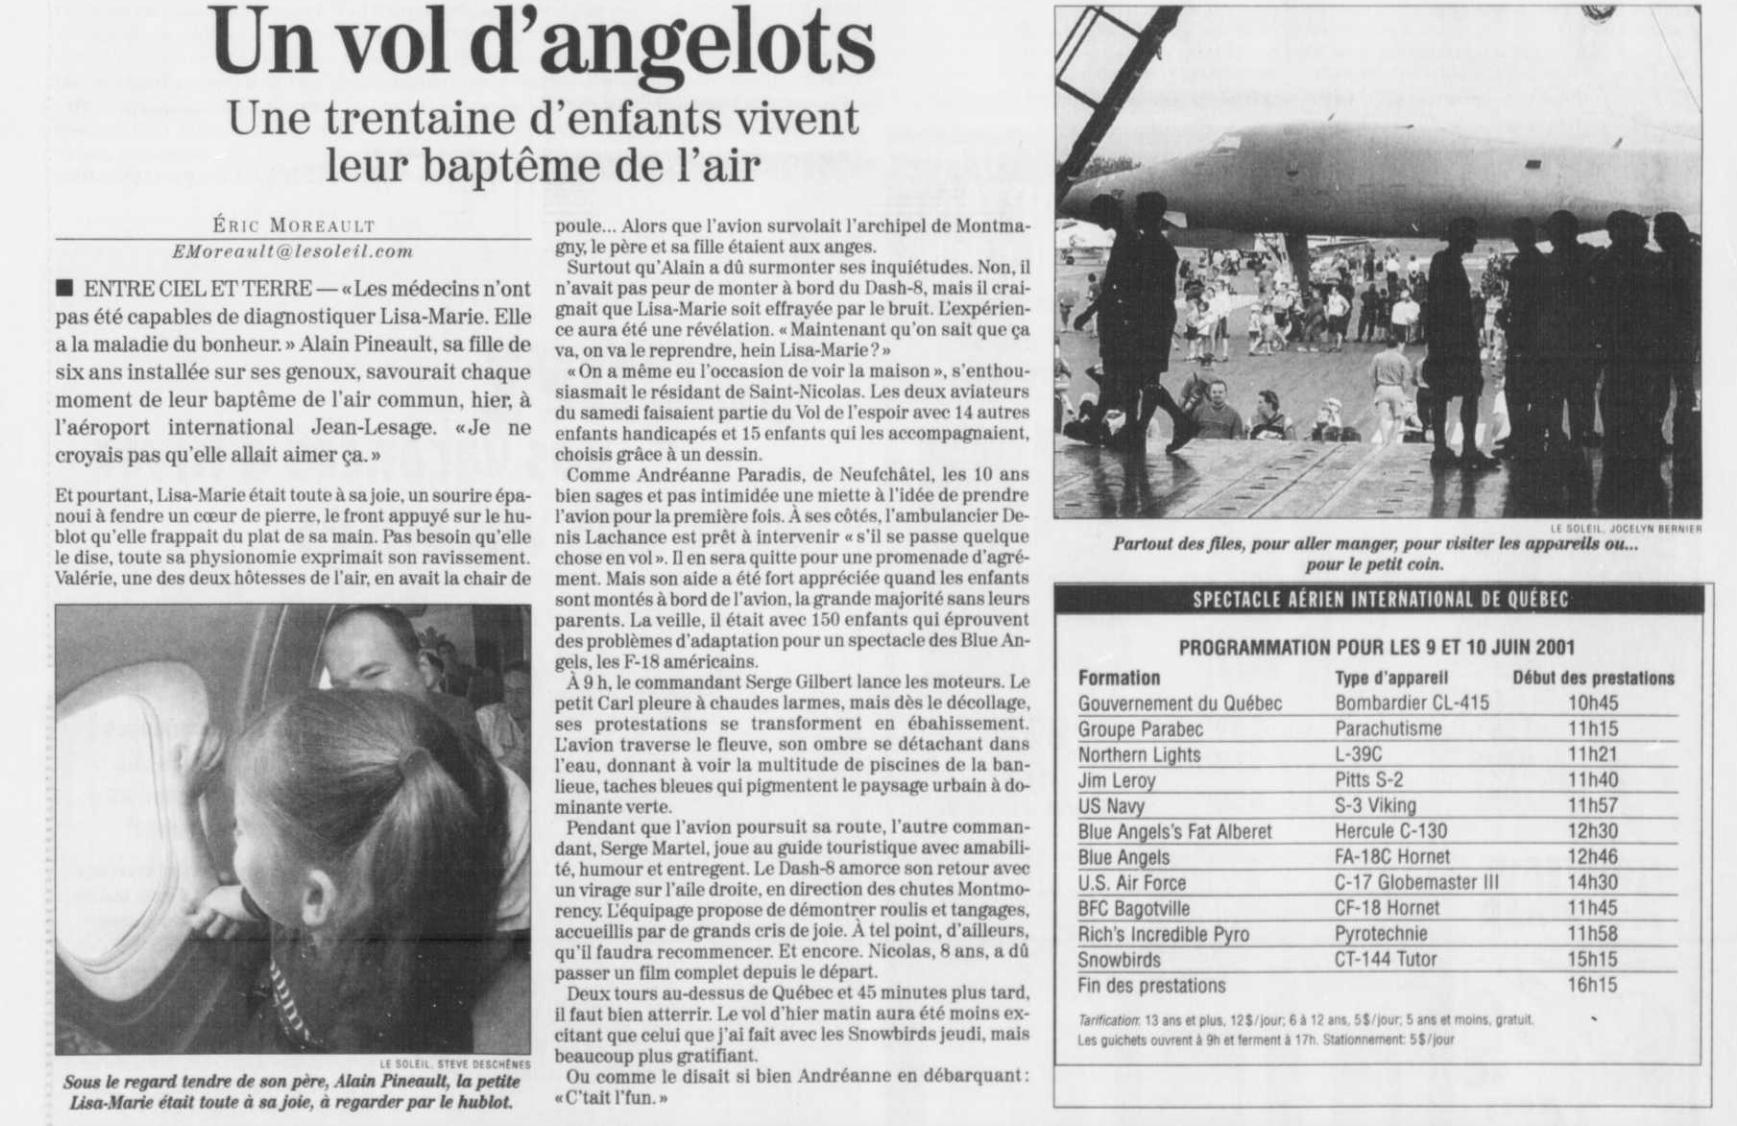 Journal Le Soleil 10 juin 2001